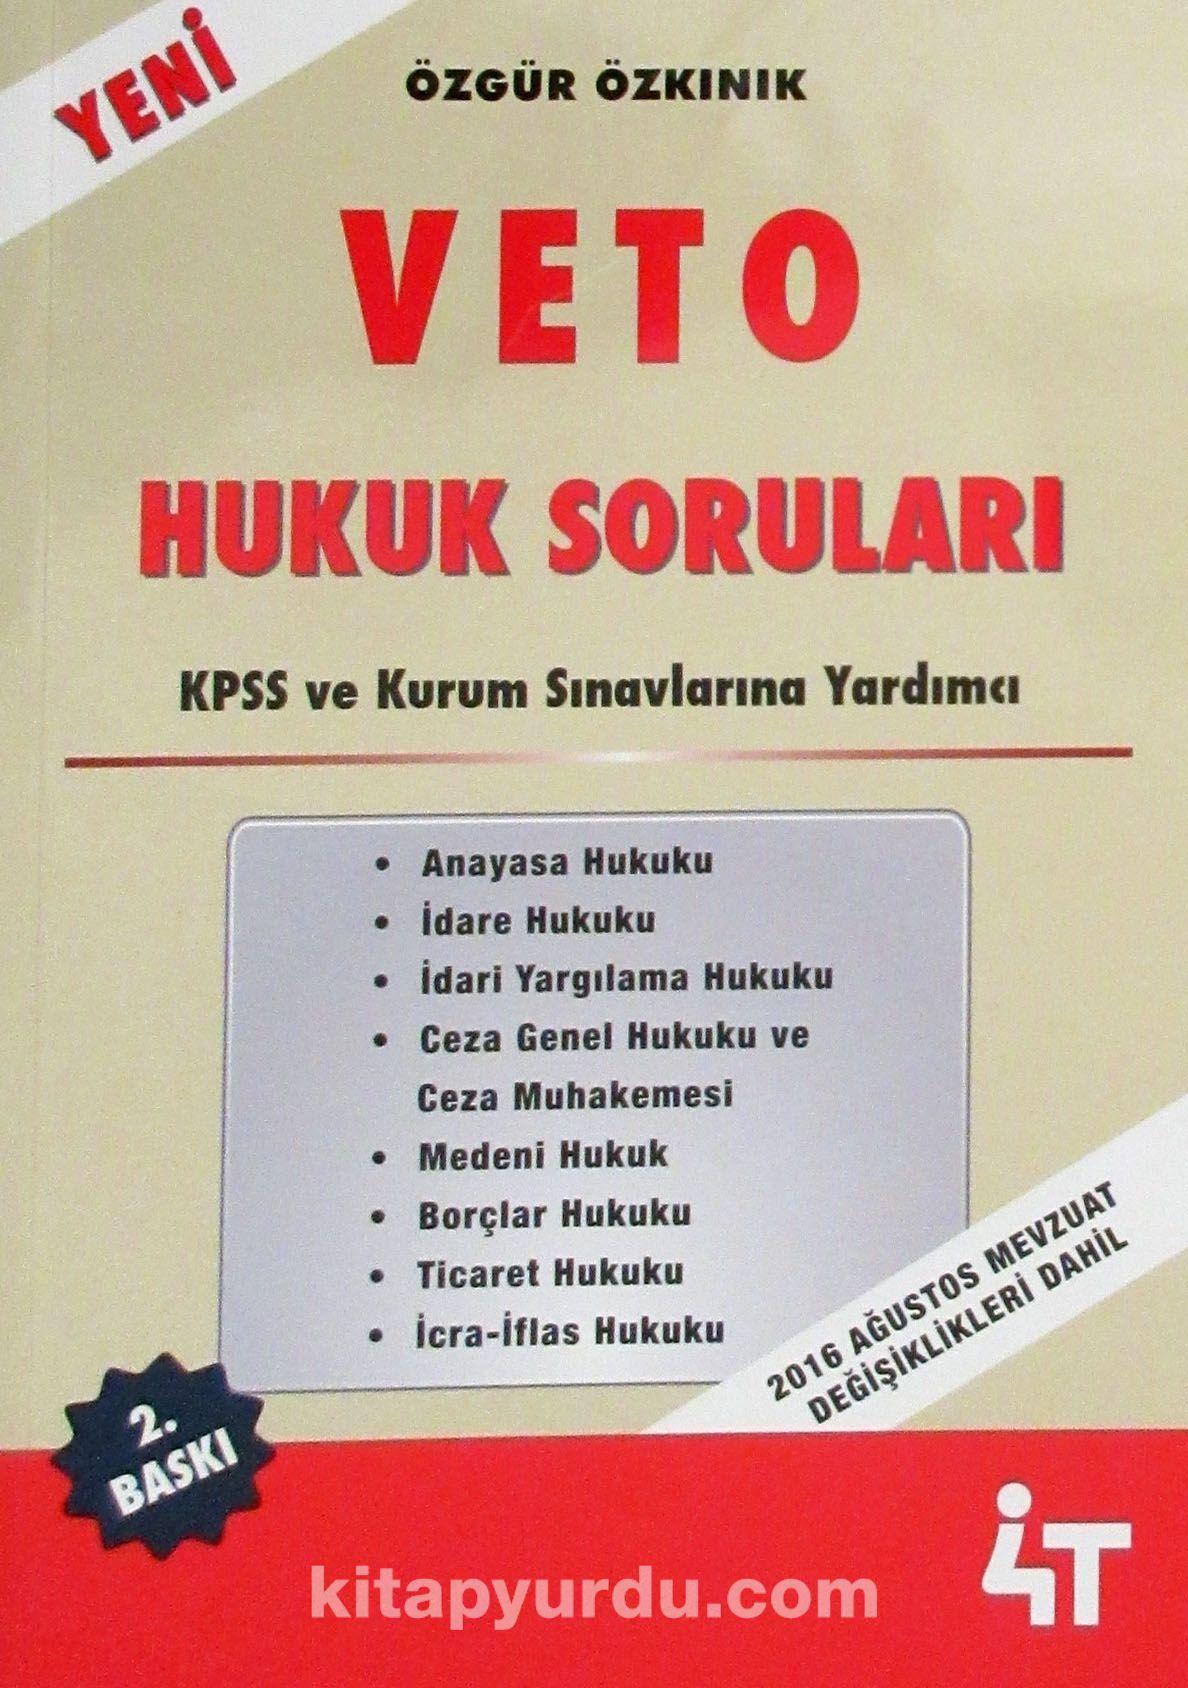 KPSS ve Kurum Sınavlarına Yardımcı Veto Hukuk Soruları - Özgür Özkınık pdf epub